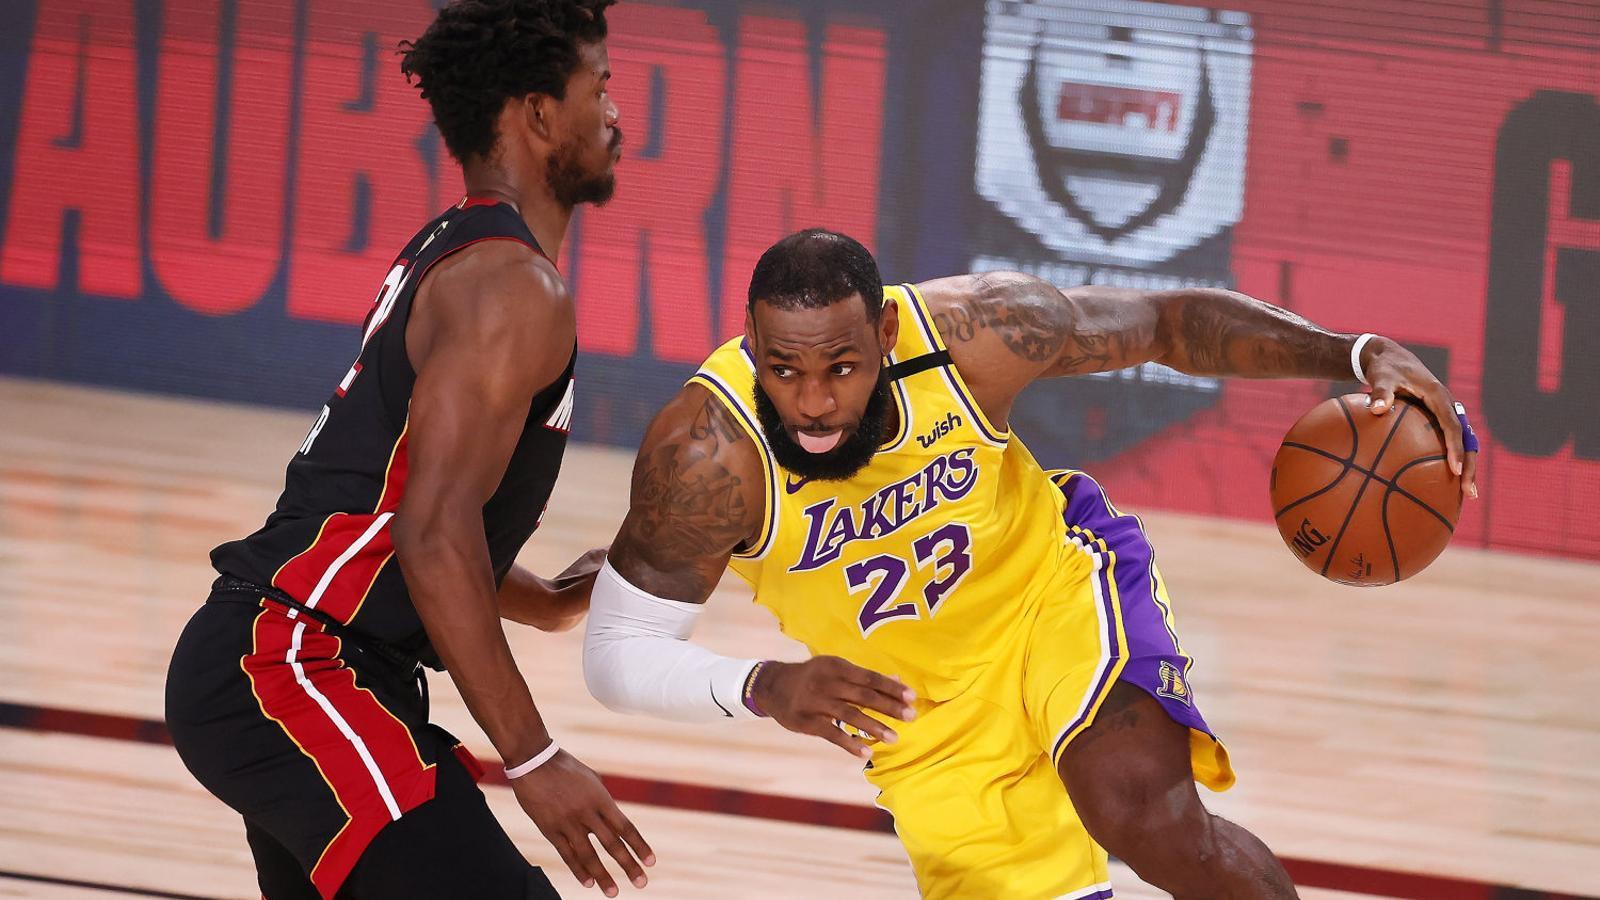 Segon partit de les finals entre els Lakers i el Heat Triomf blaugrana a la pista del Nantes (27-35)